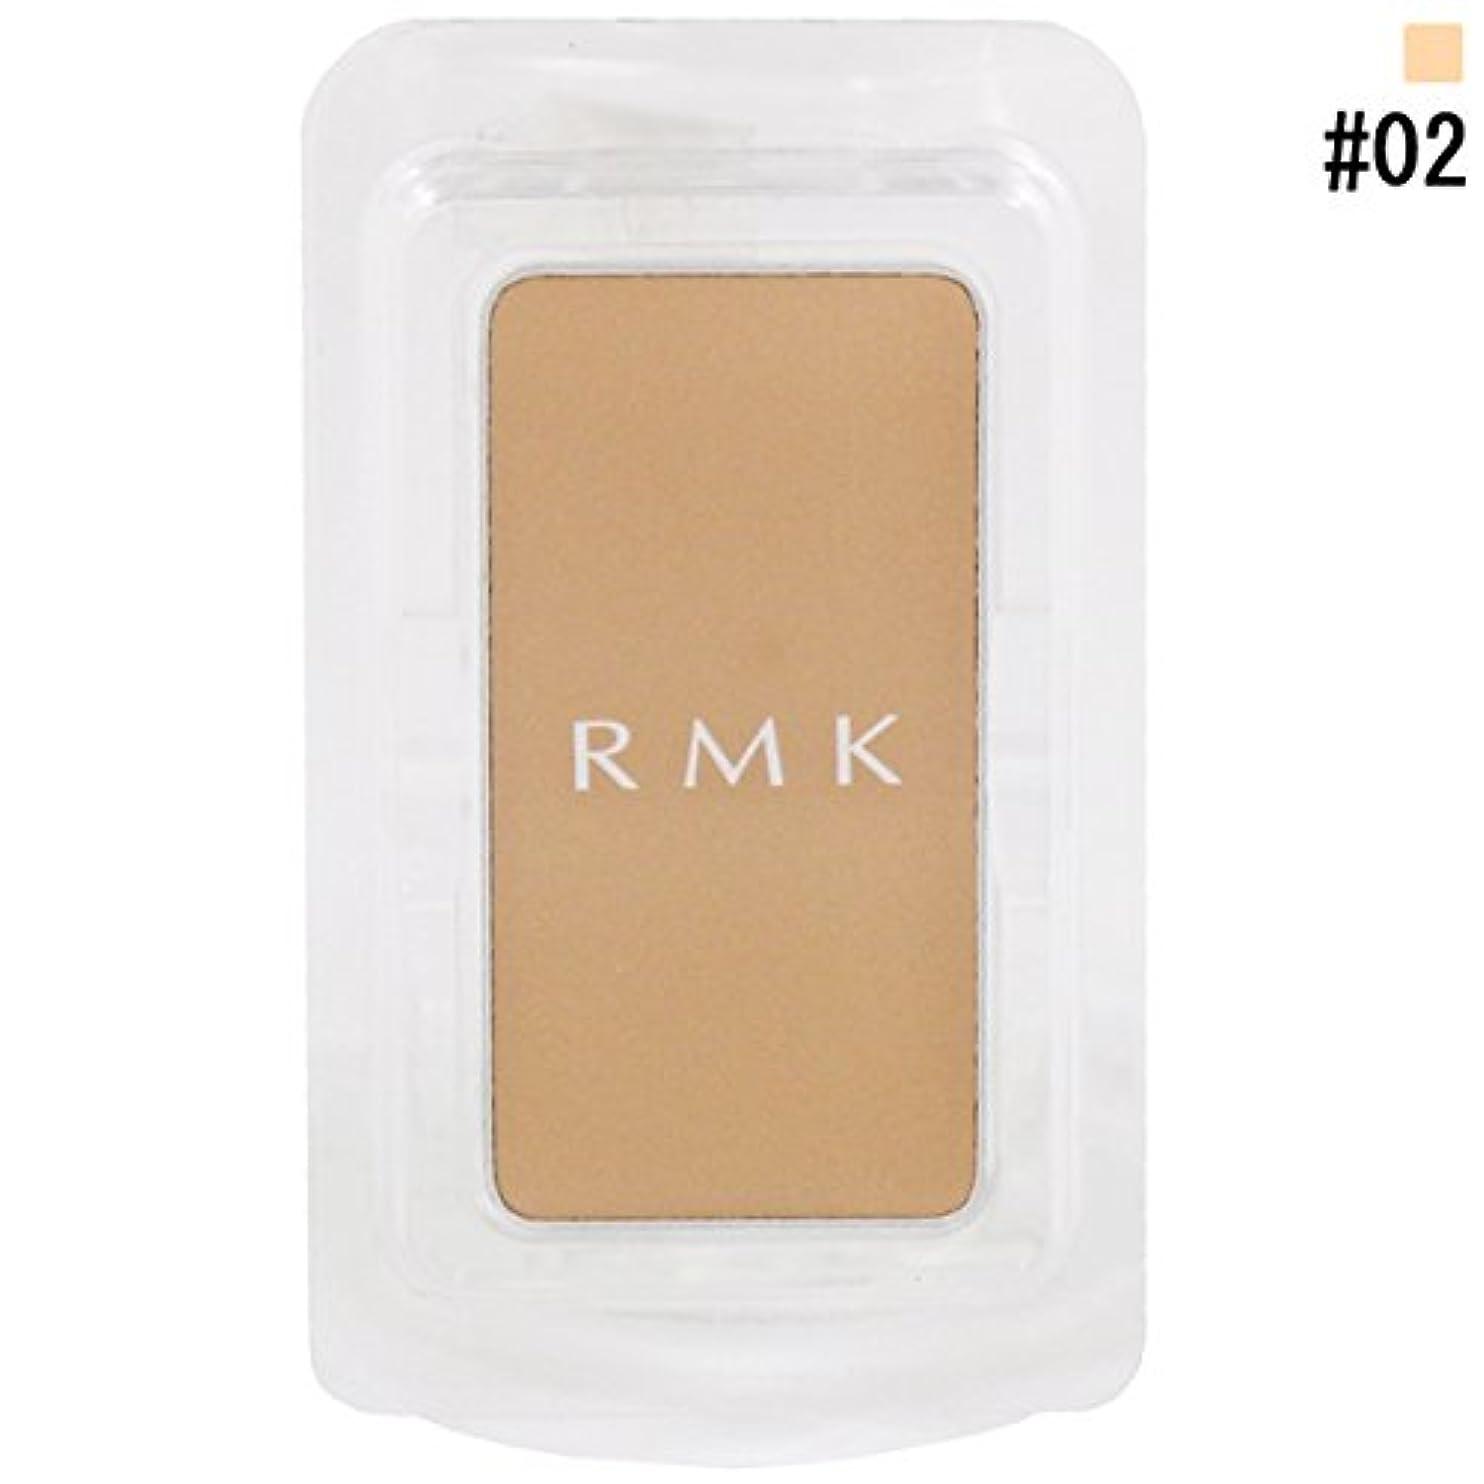 RMK アールエムケー カジュアルソリッド ファンデーション b (レフィル) #02 3g [並行輸入品]